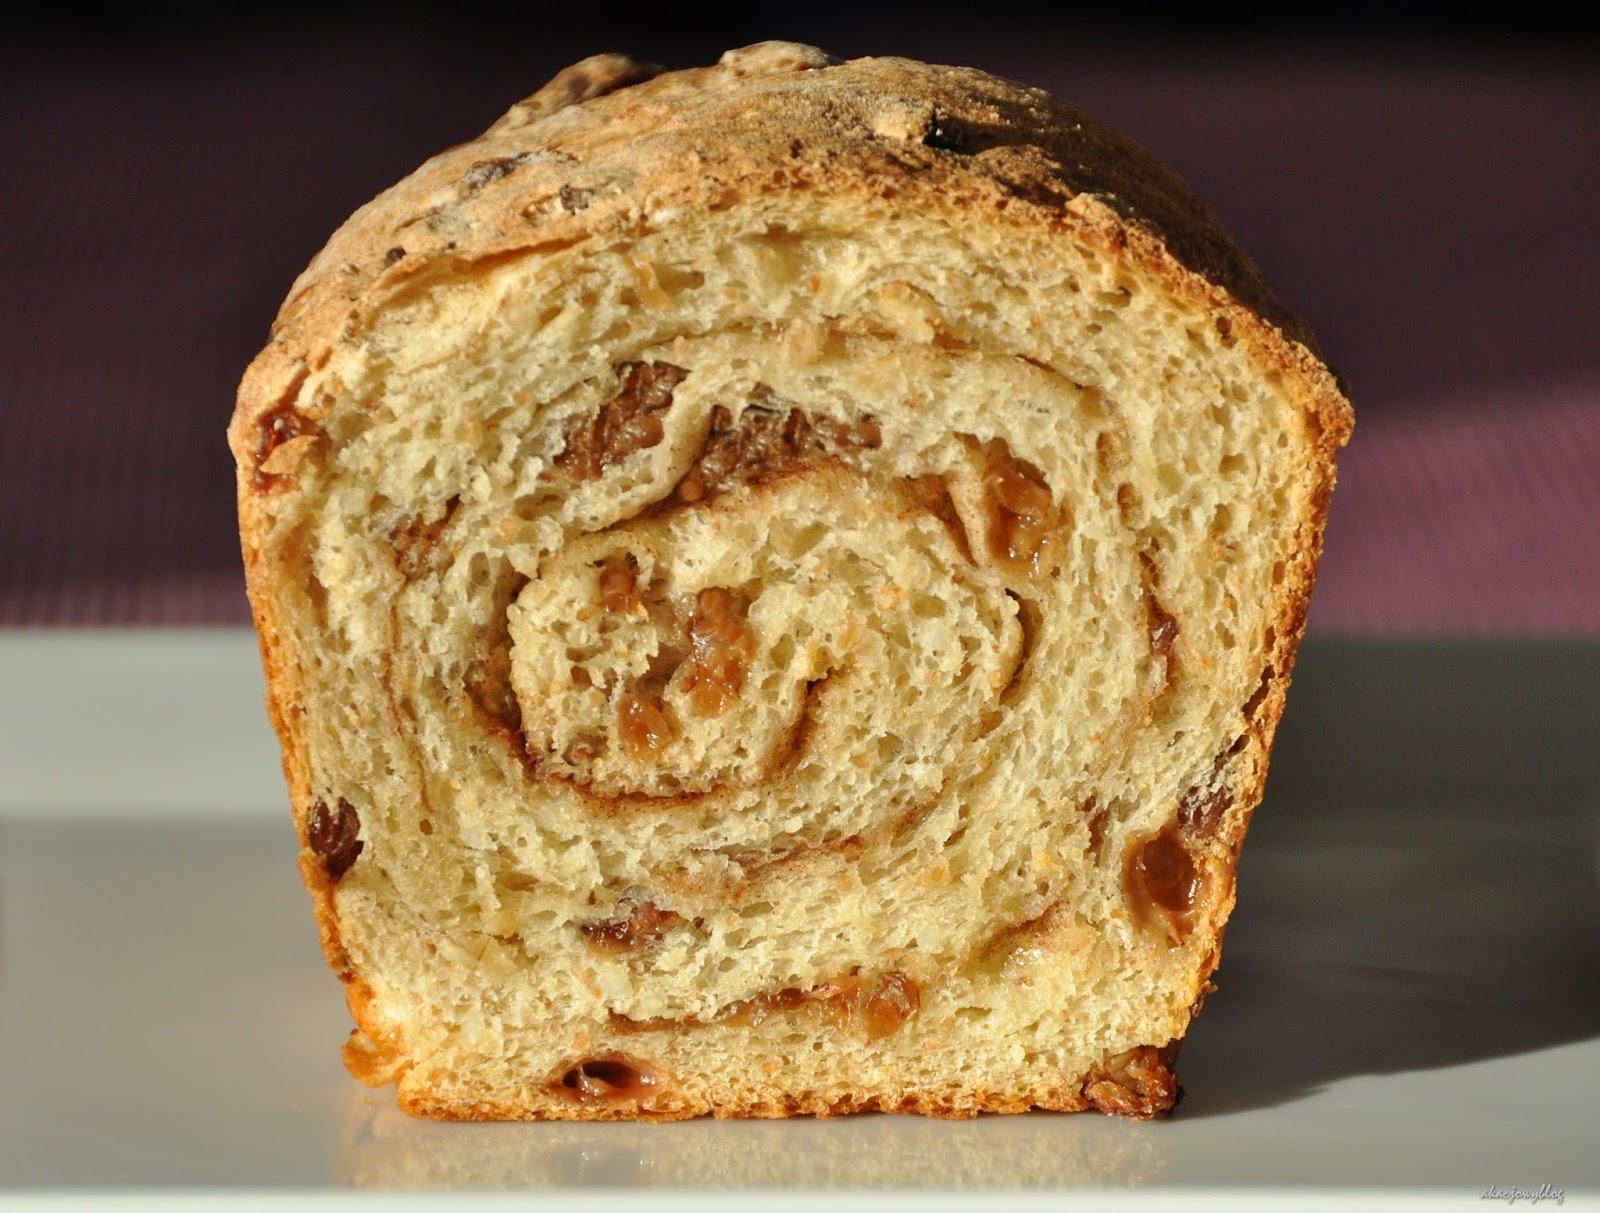 Struan - drożdżowy chleb z cynamonem i rodzynkami, rodem ze Szkocji.